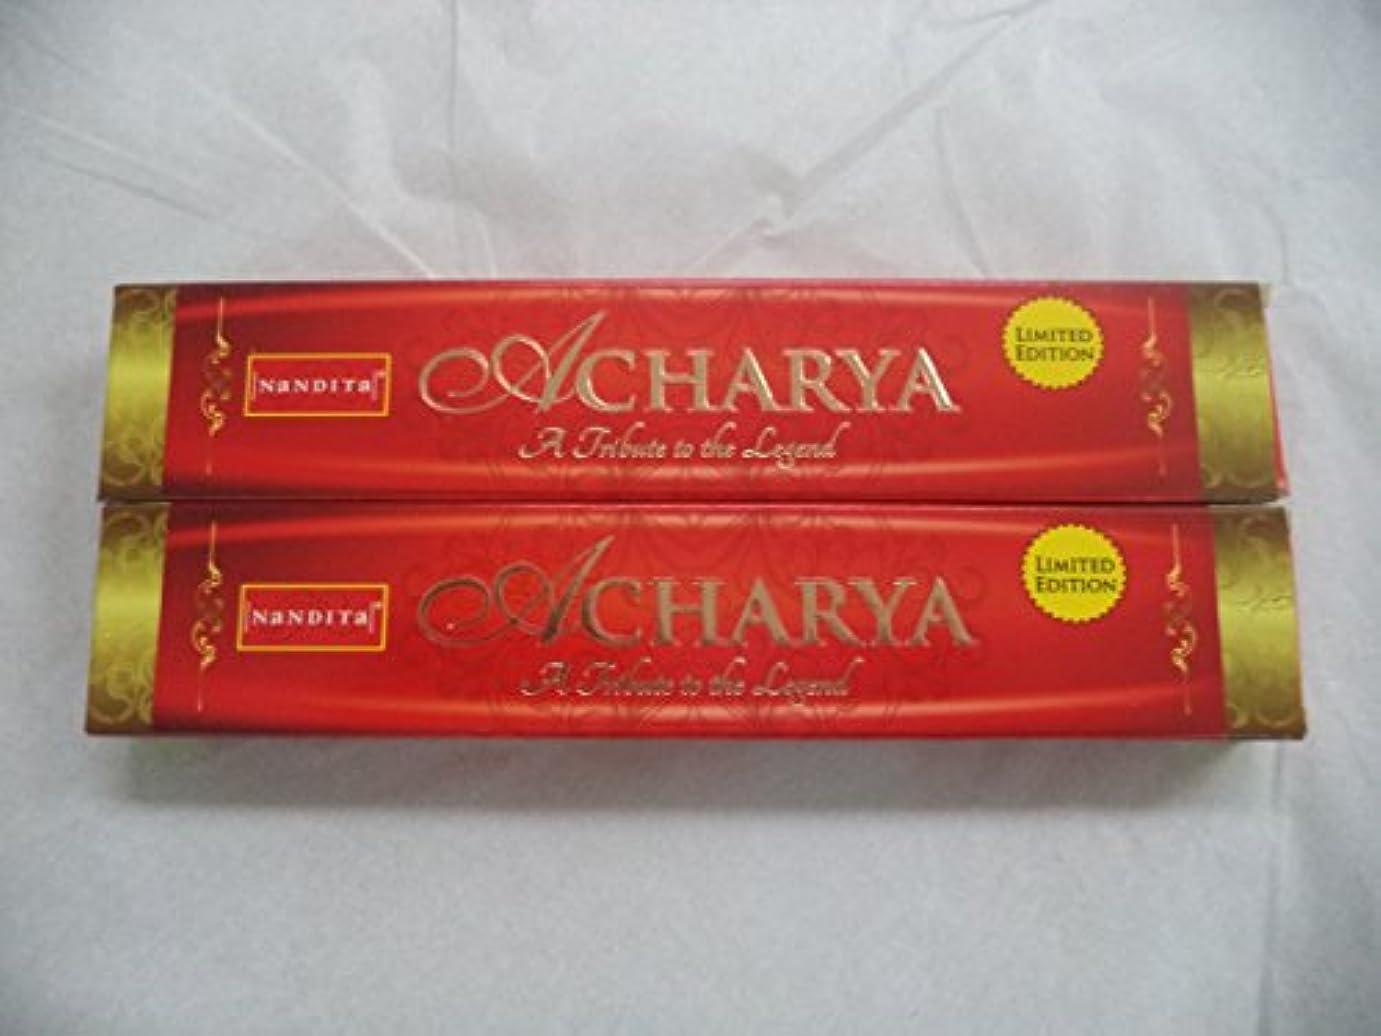 認証告白する水曜日Nandita Acharya自然有機Incense Sticks : 2 x 15グラムボックス